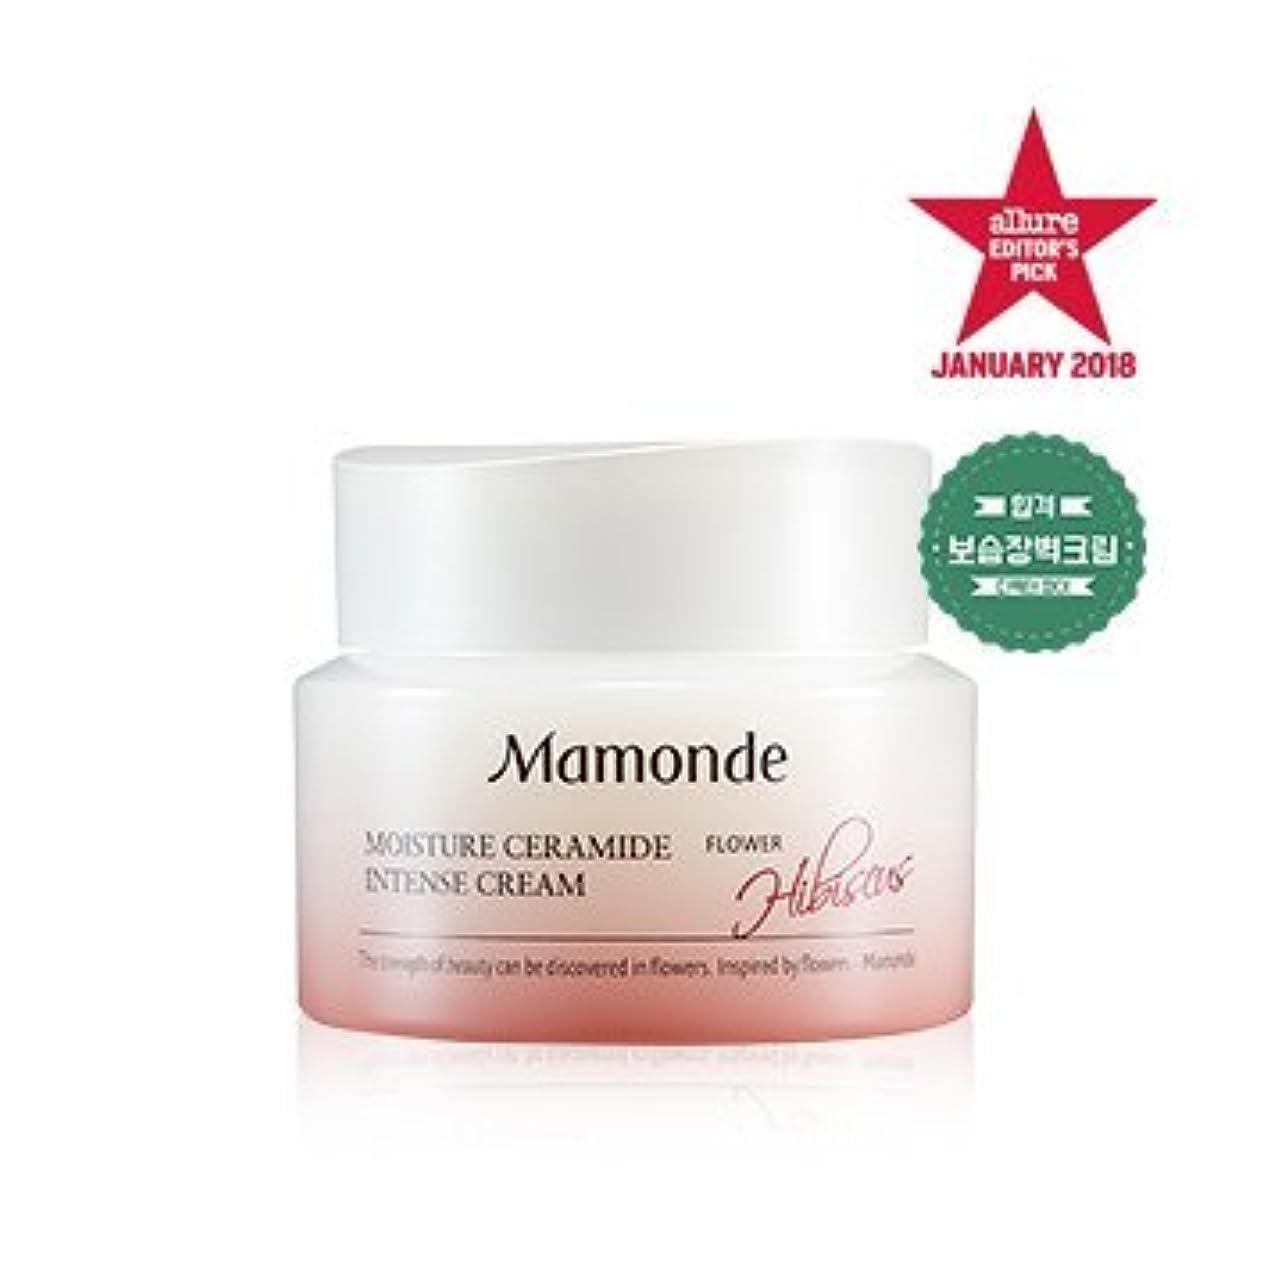 失速謝るために[MAMONDE] モイスチャーセラミドインテンシブクリーム / Moisture Ceramide Intense cream 50ml [並行輸入品]